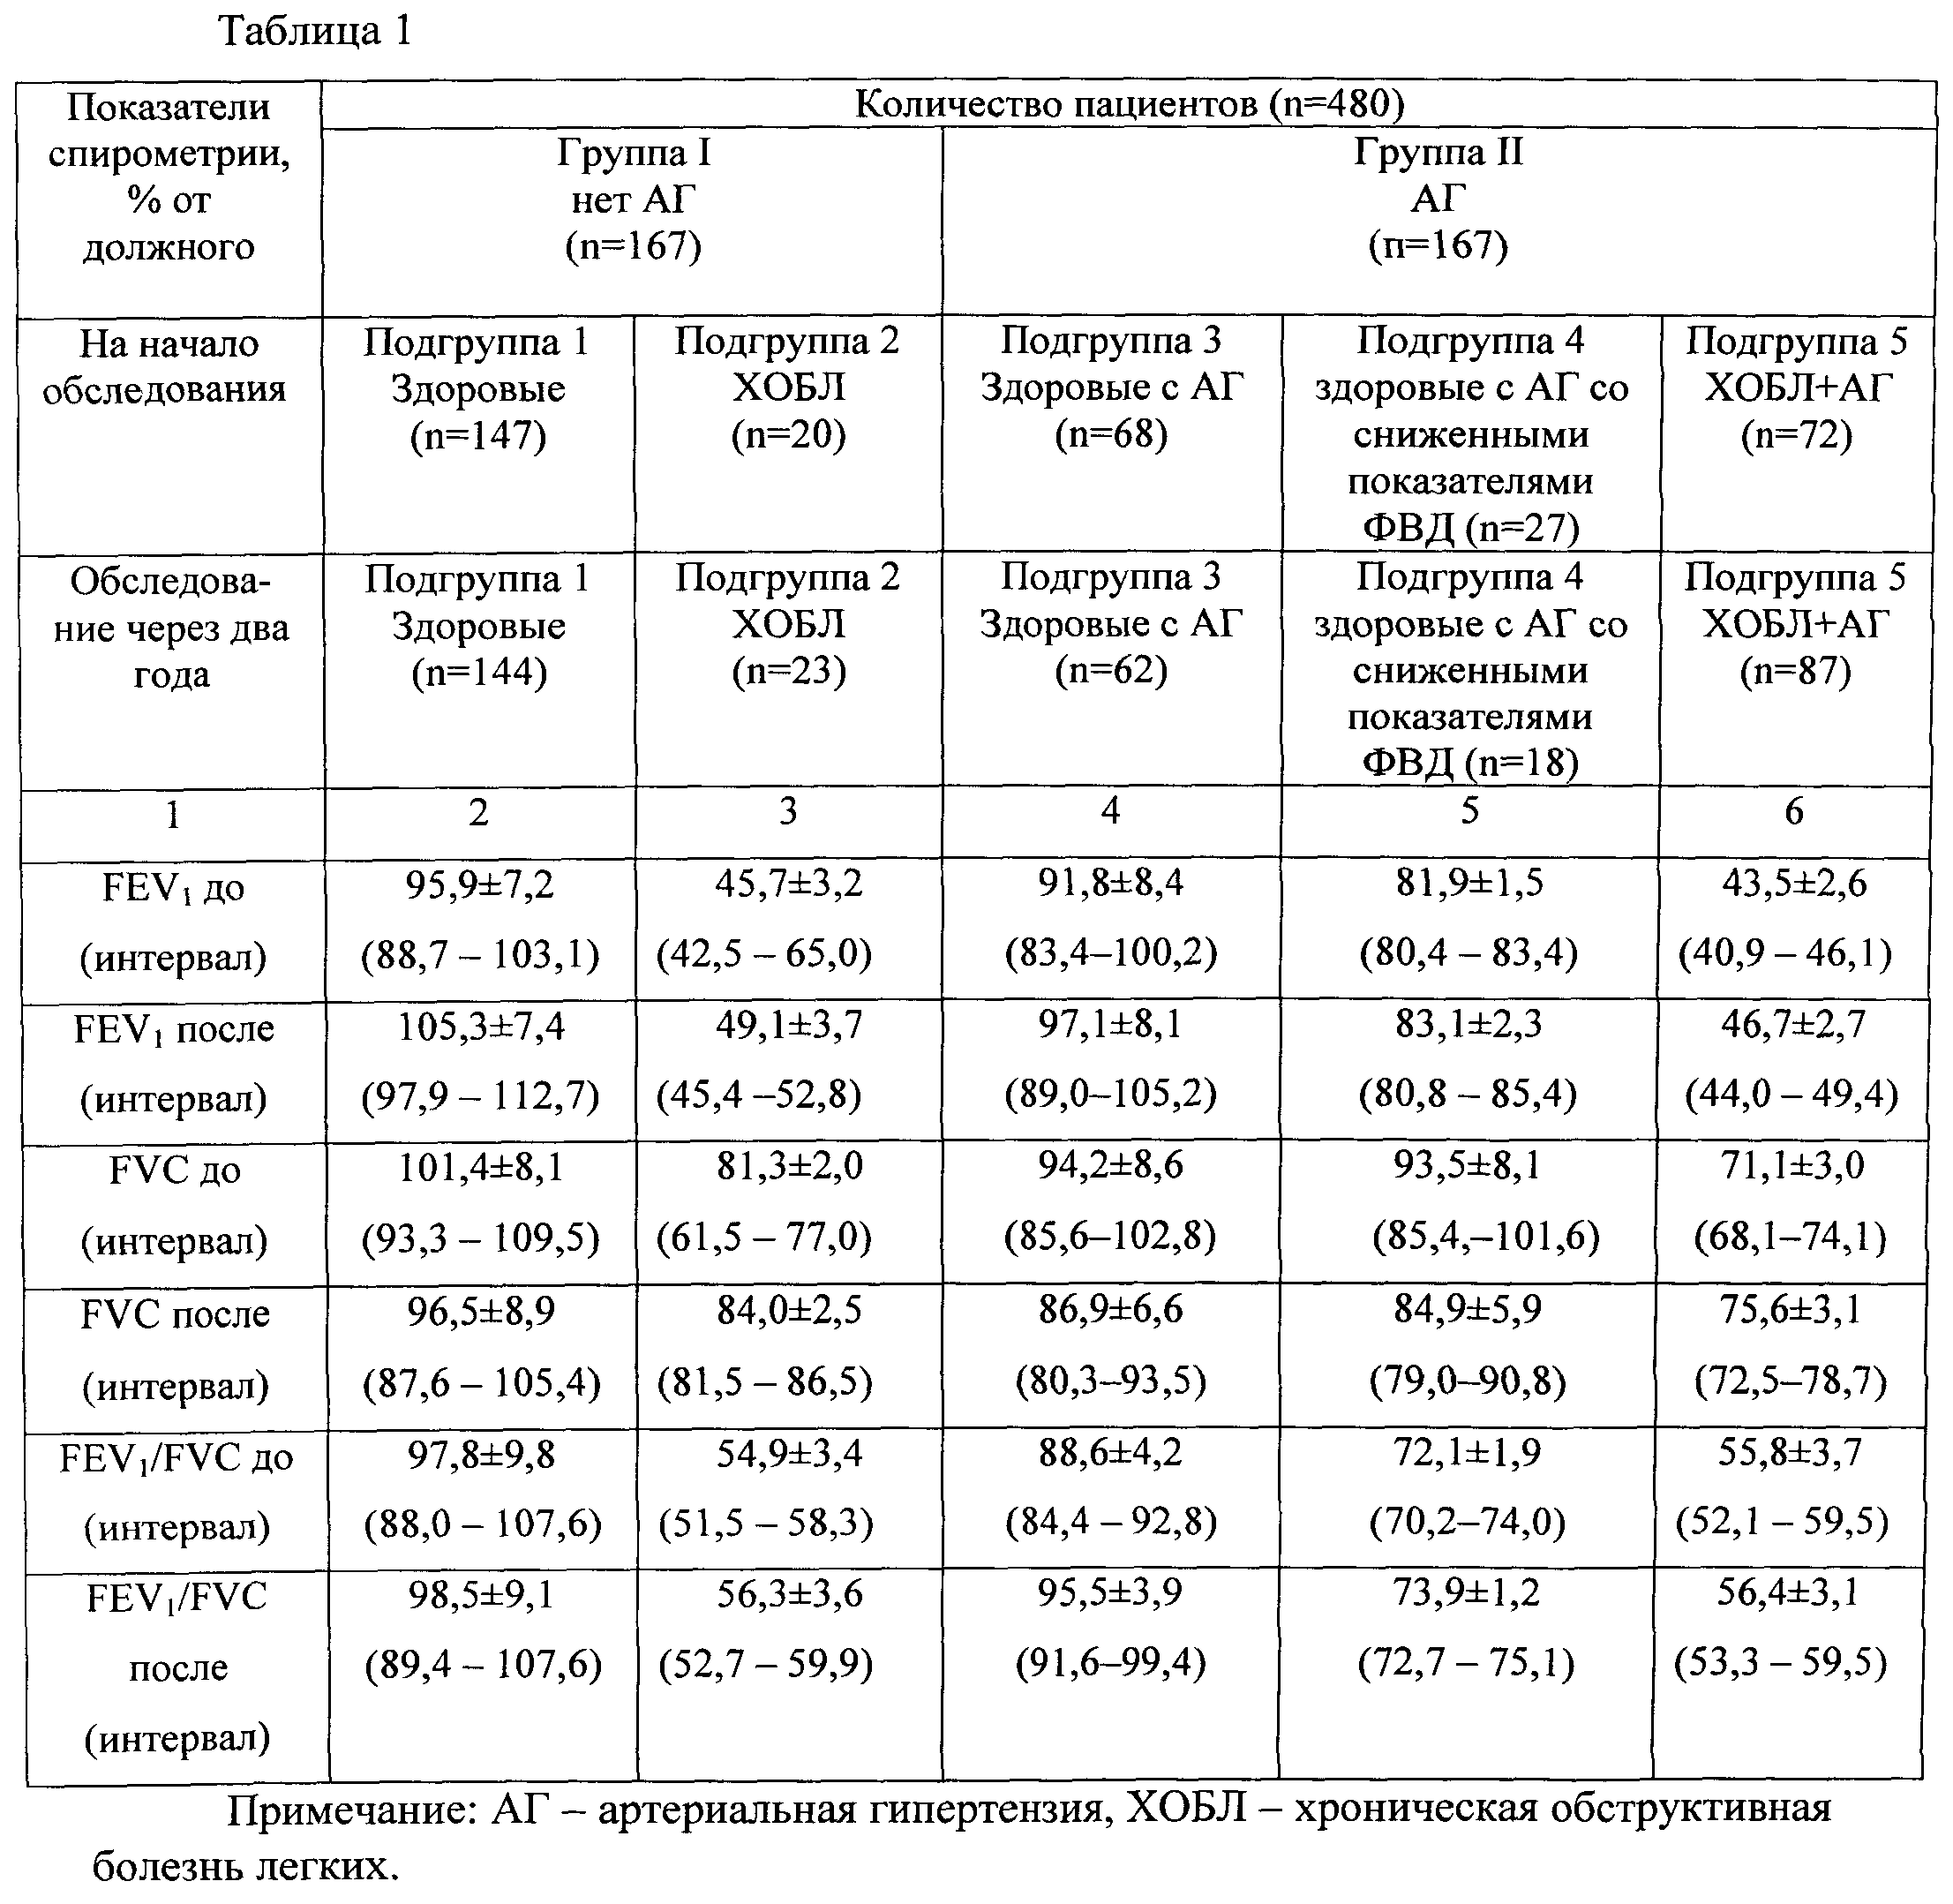 Спирография: что такое спирометр и спирограмма, как проводиться спирометрия и о чем может говорить расшифровка